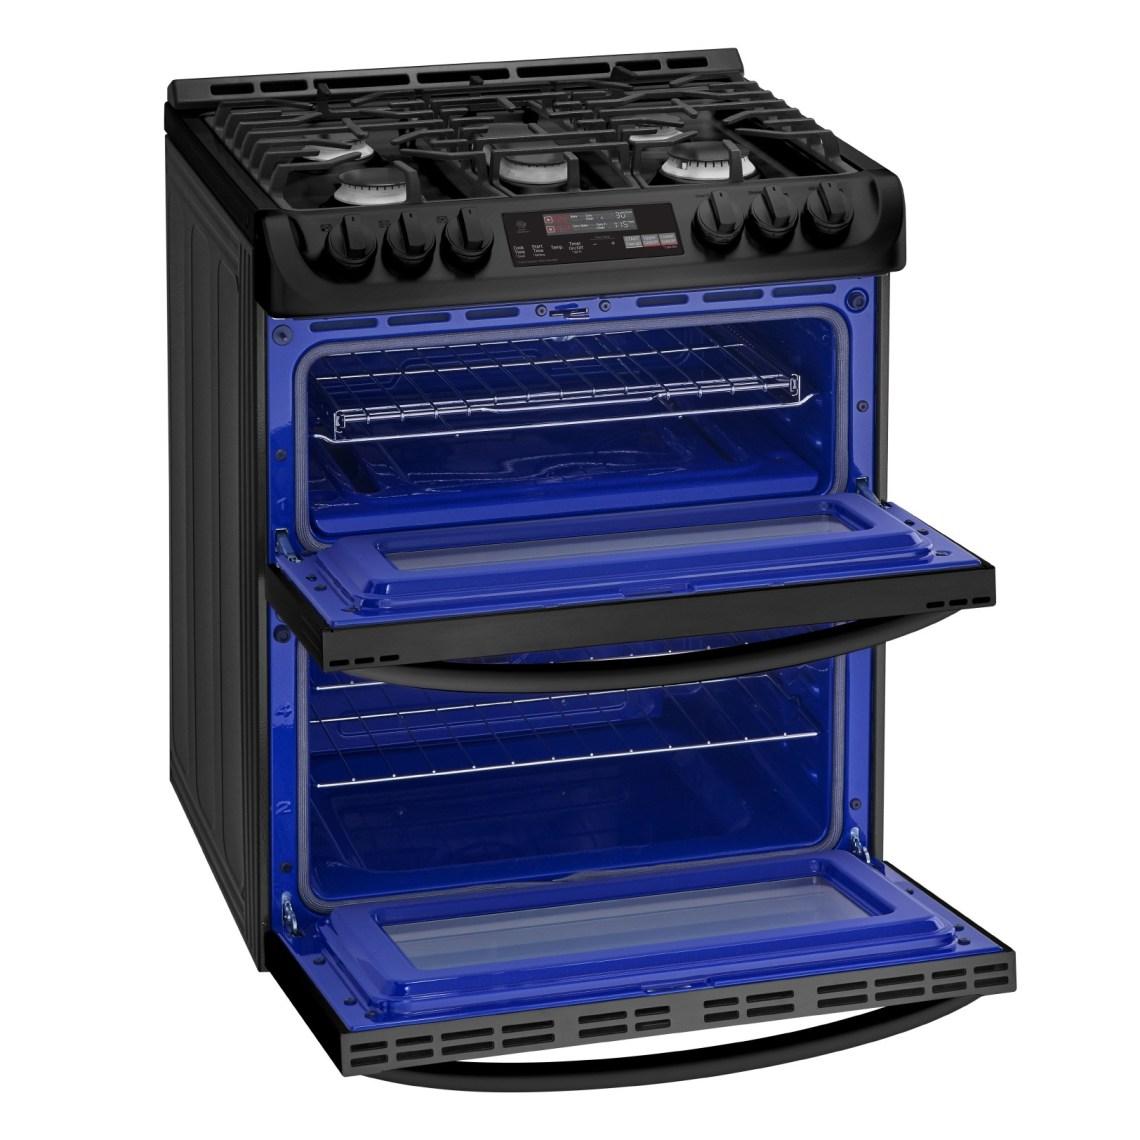 LG-Smart-Kitchen-Oven